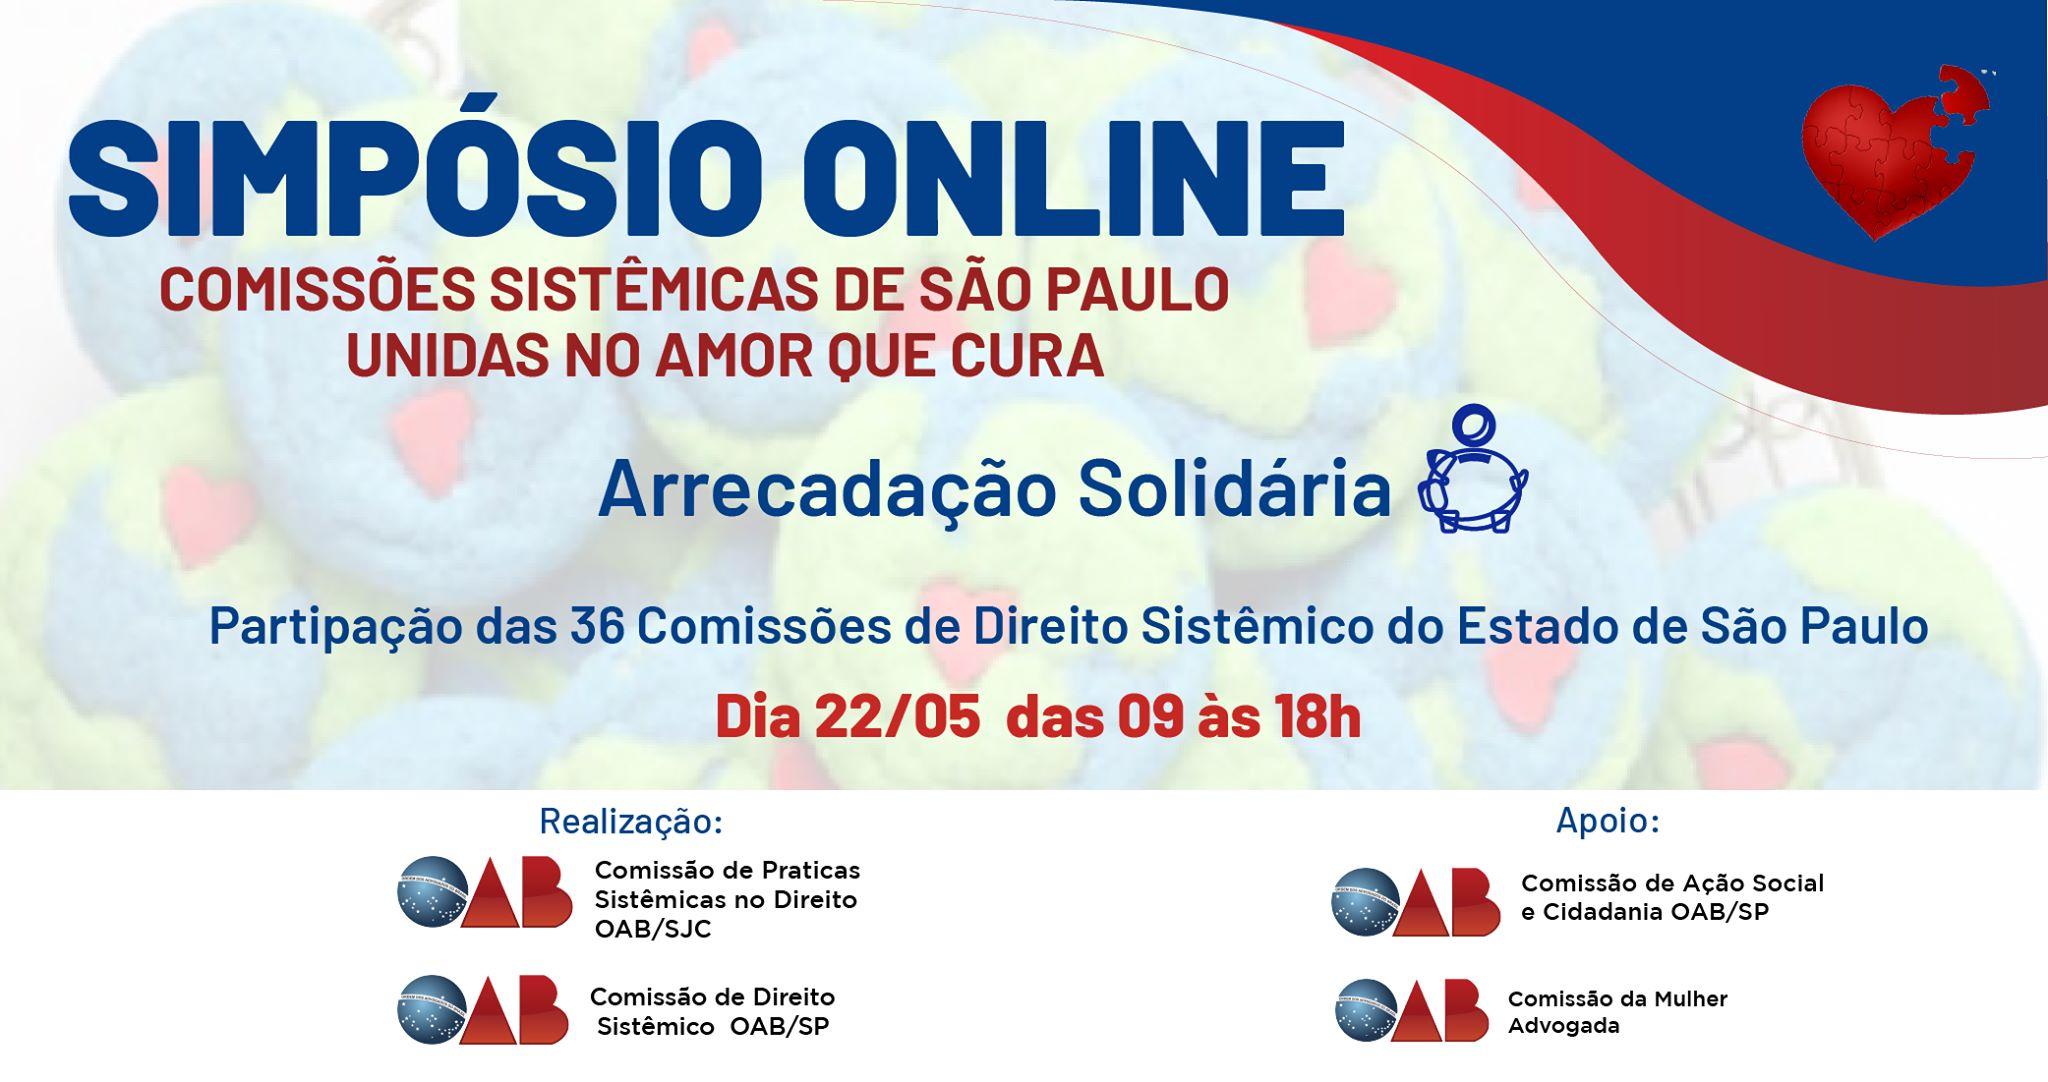 Simpósio on line OAB SP 08.05.20